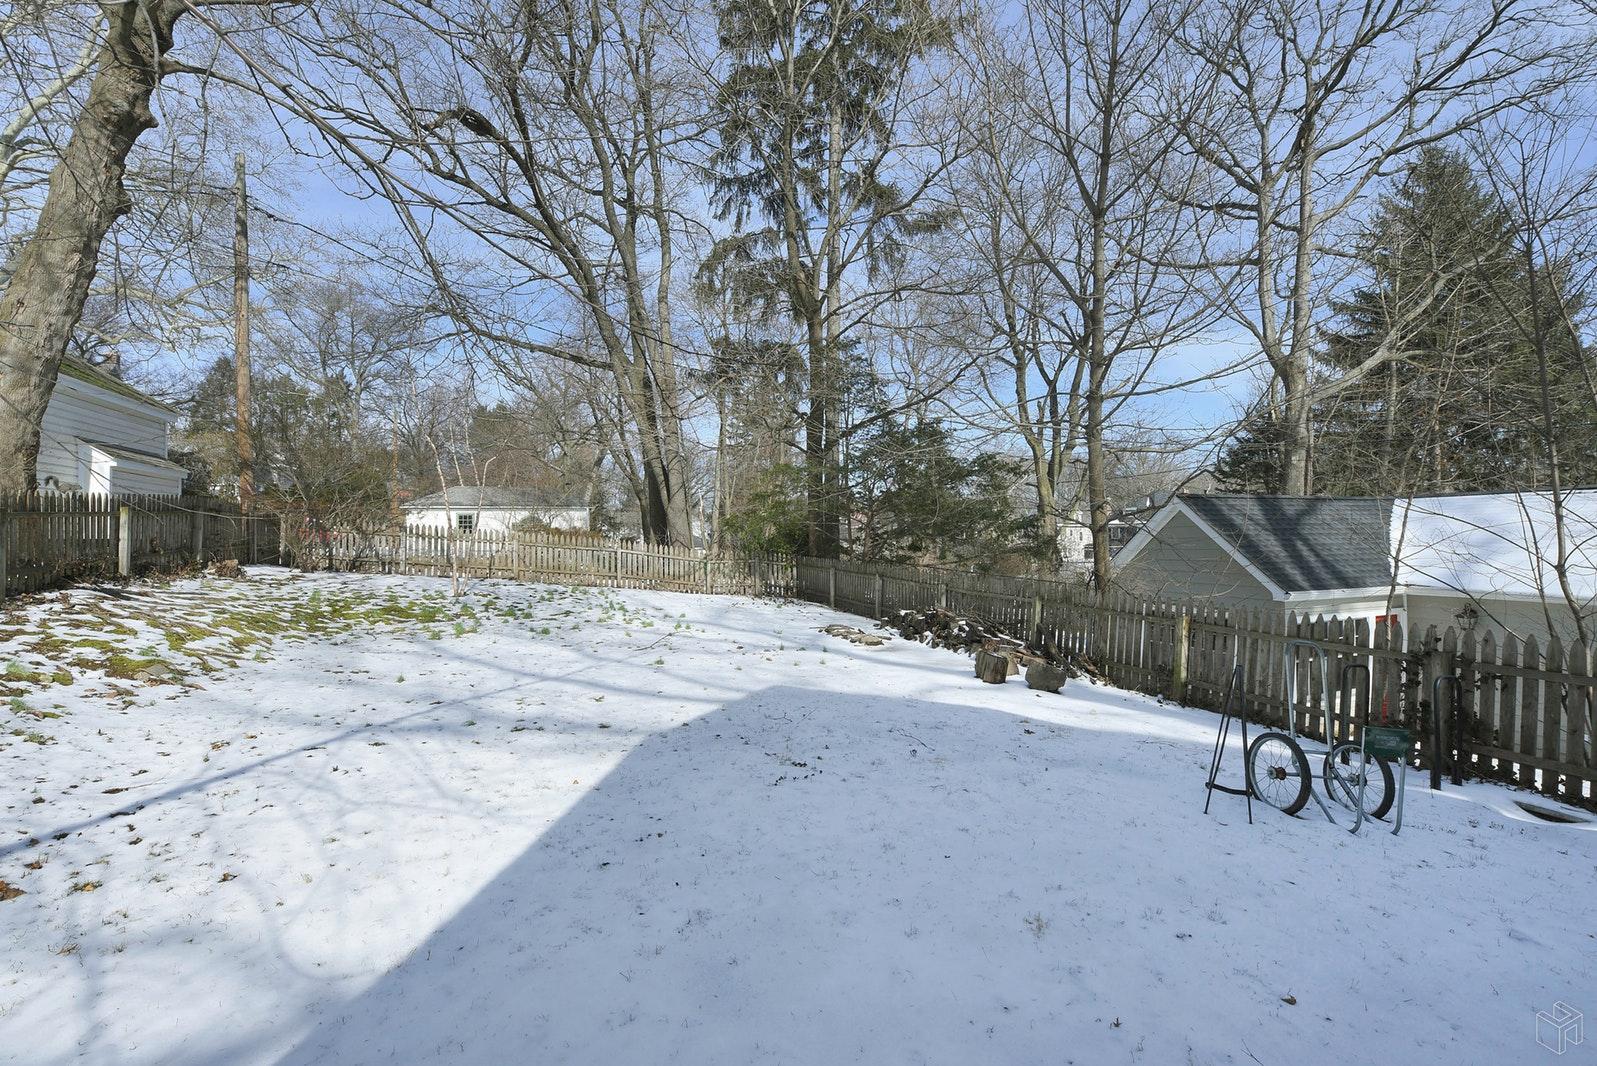 553 BELLEVILLE AVENUE, Glen Ridge, $699,000, Web #: 19443280